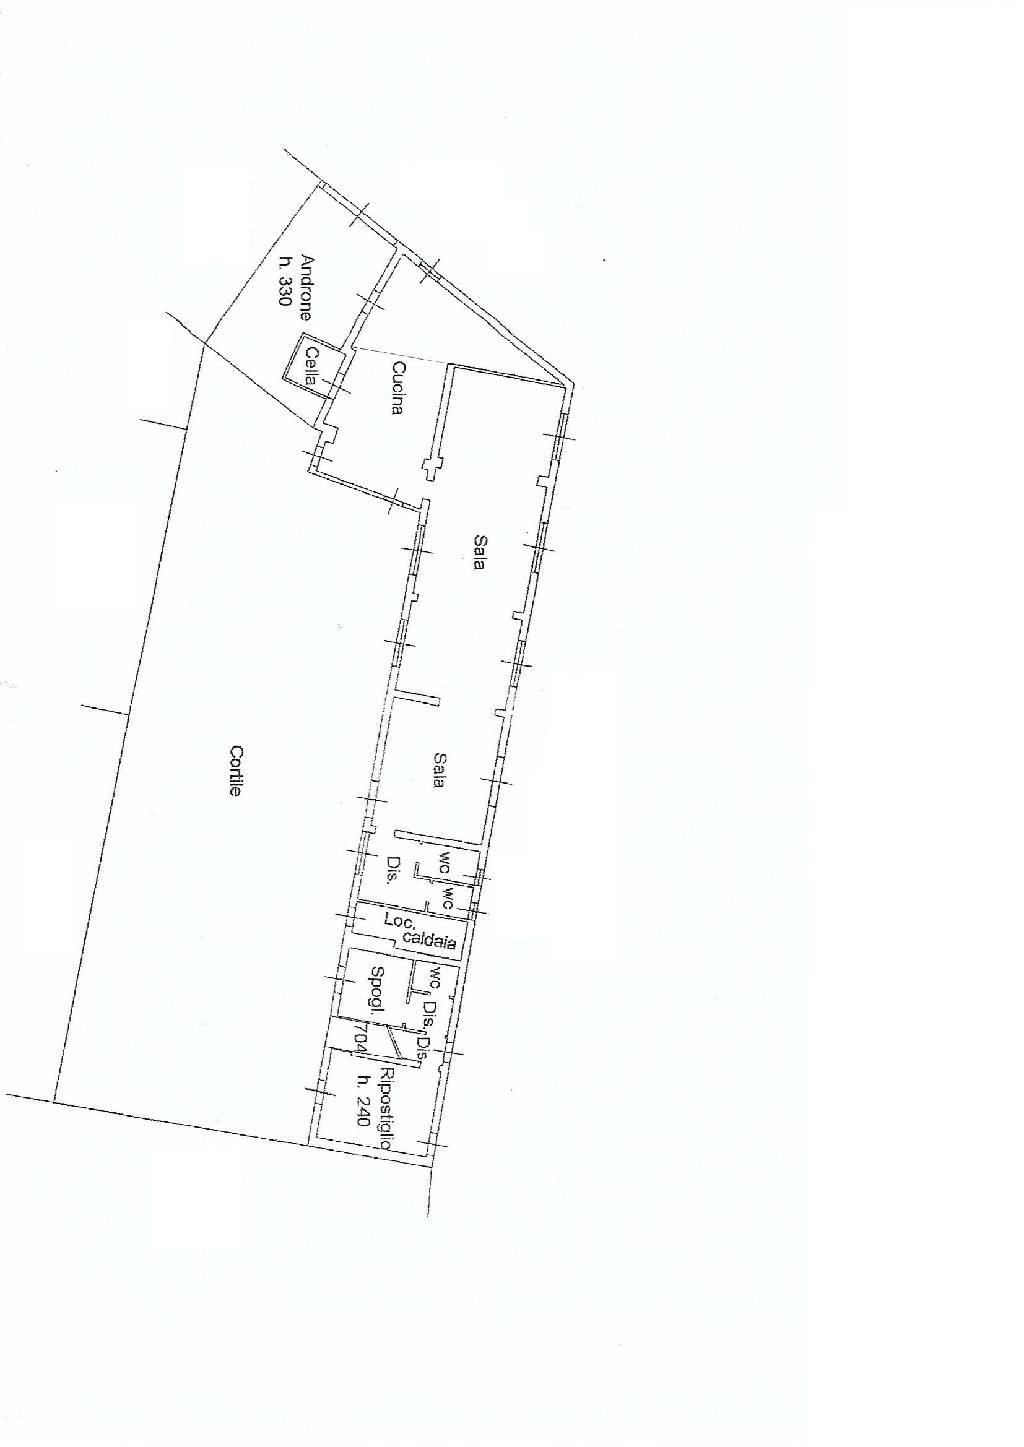 Vendita Attivit� Commerciale Lodi 8 350 M� 500.000 €